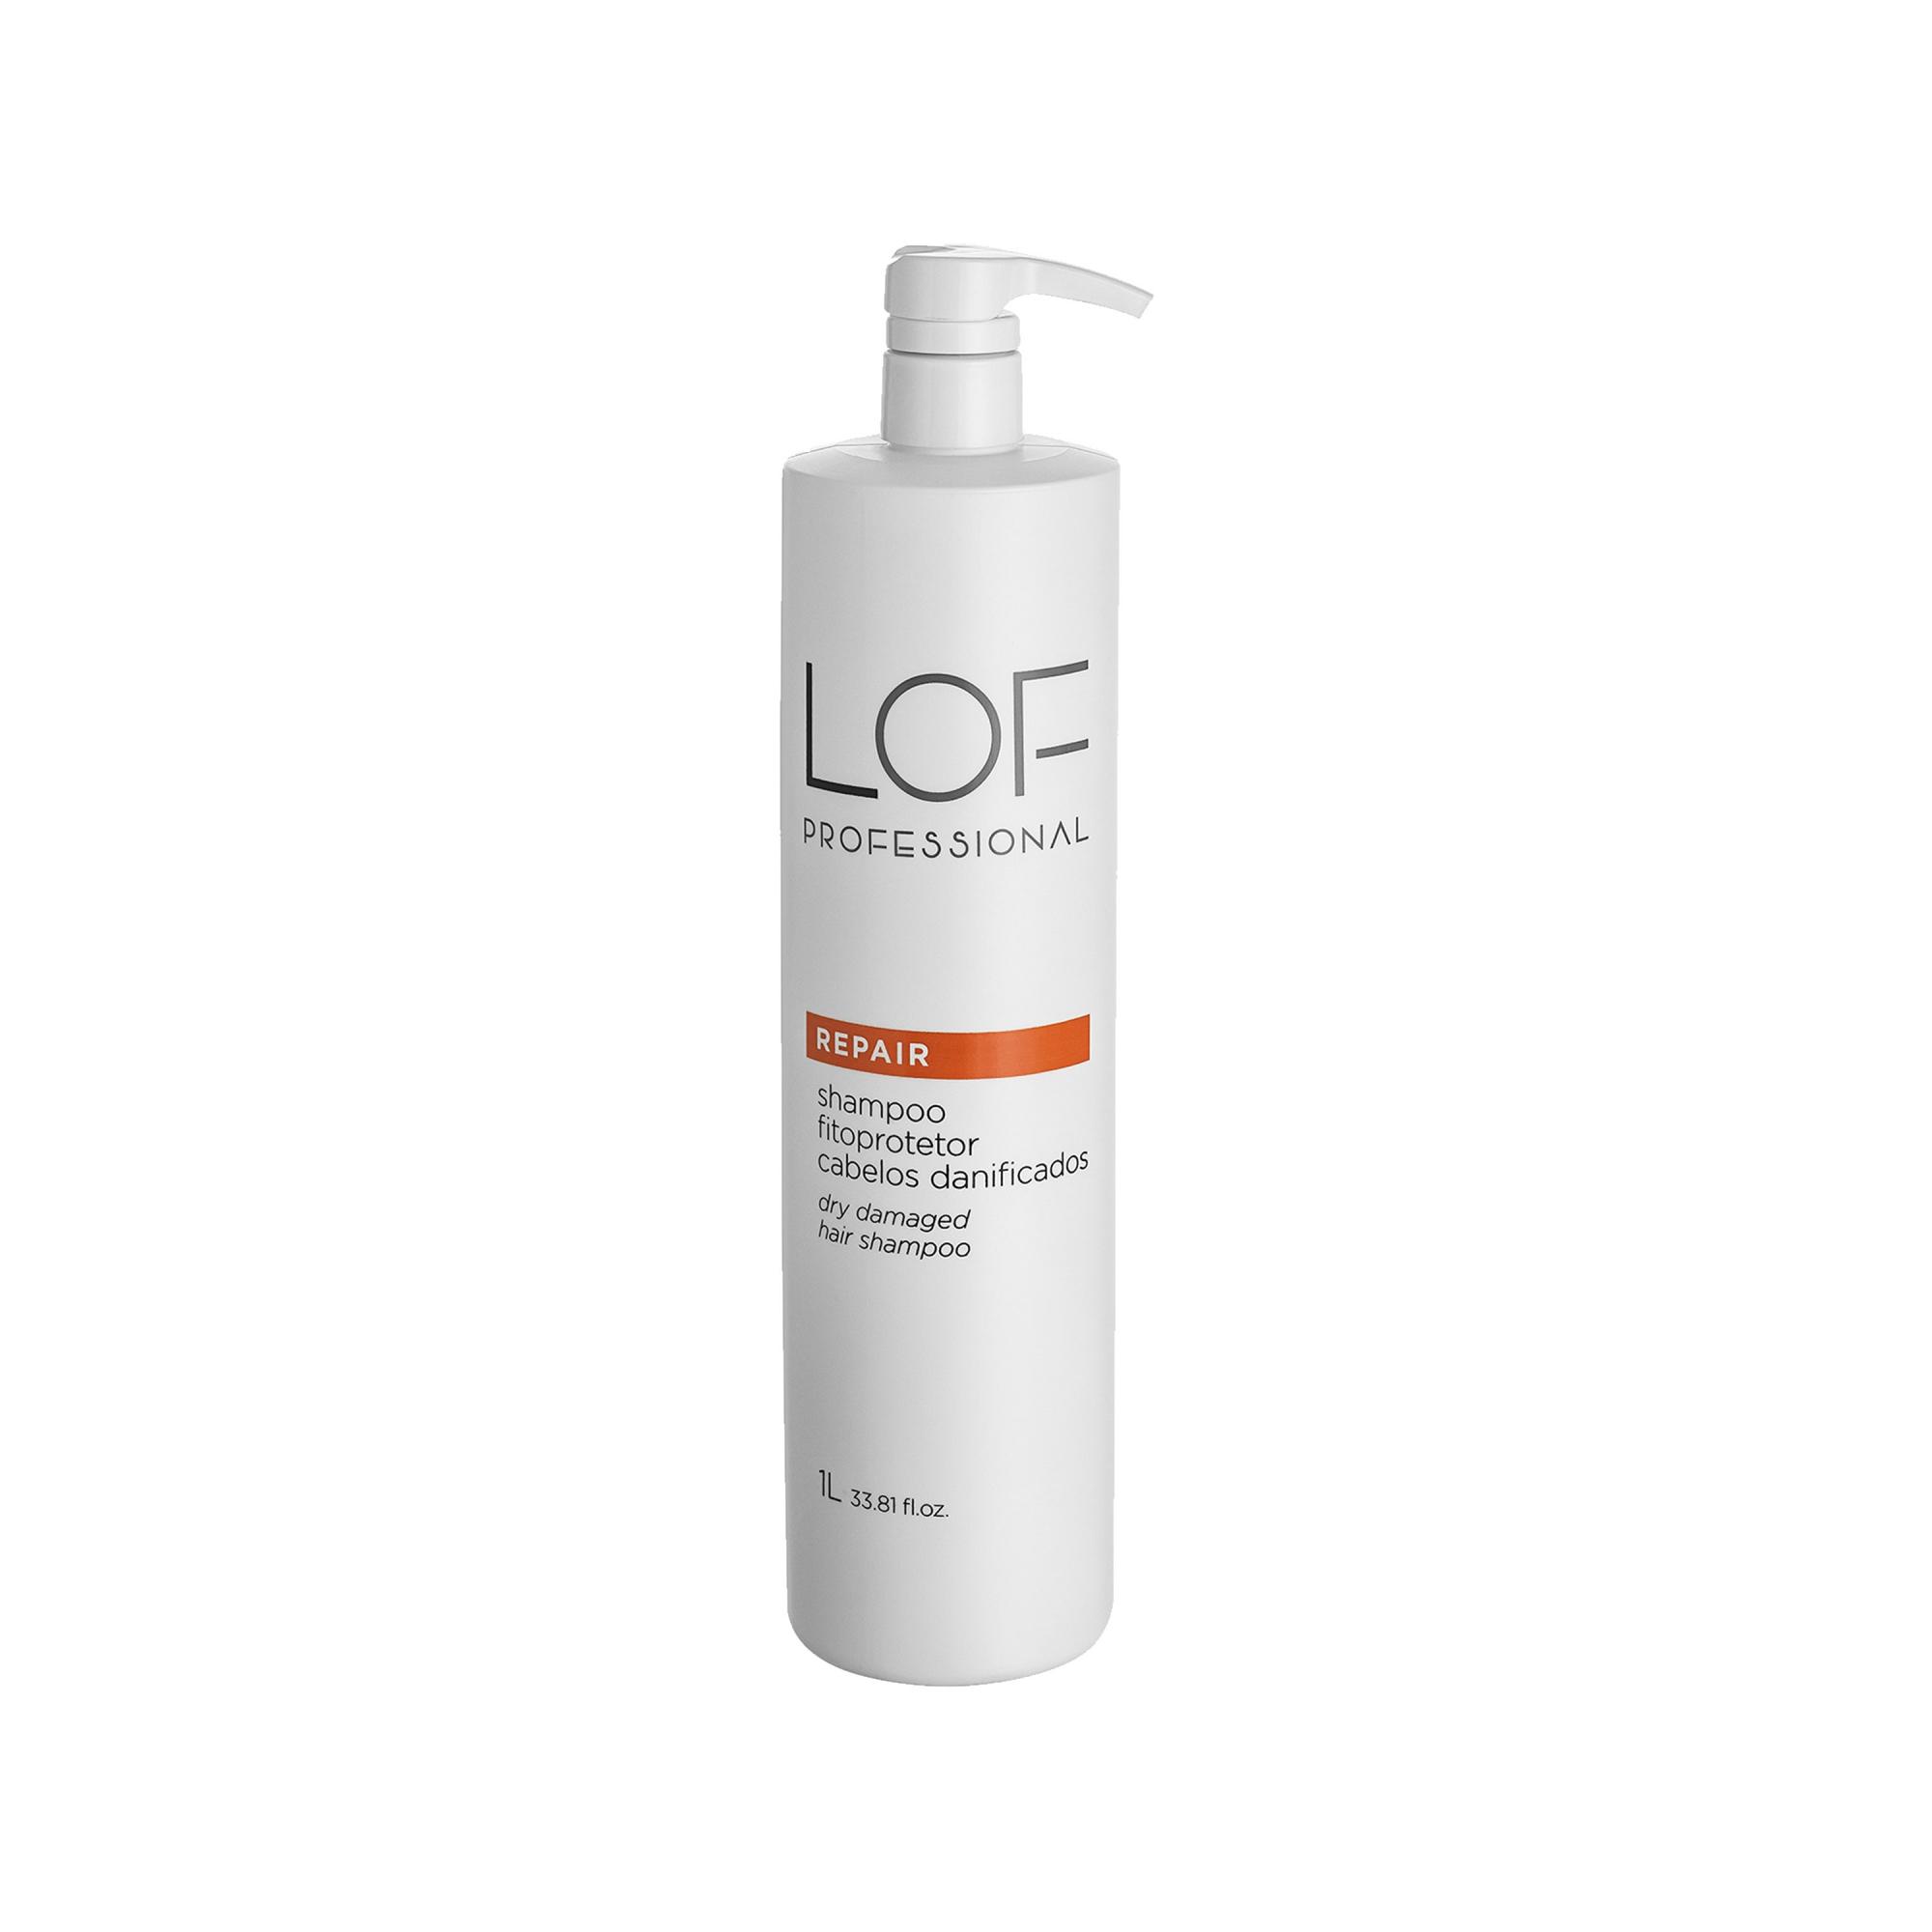 Shampoo Reconstrutor para Cabelos Danificados Repair 1L